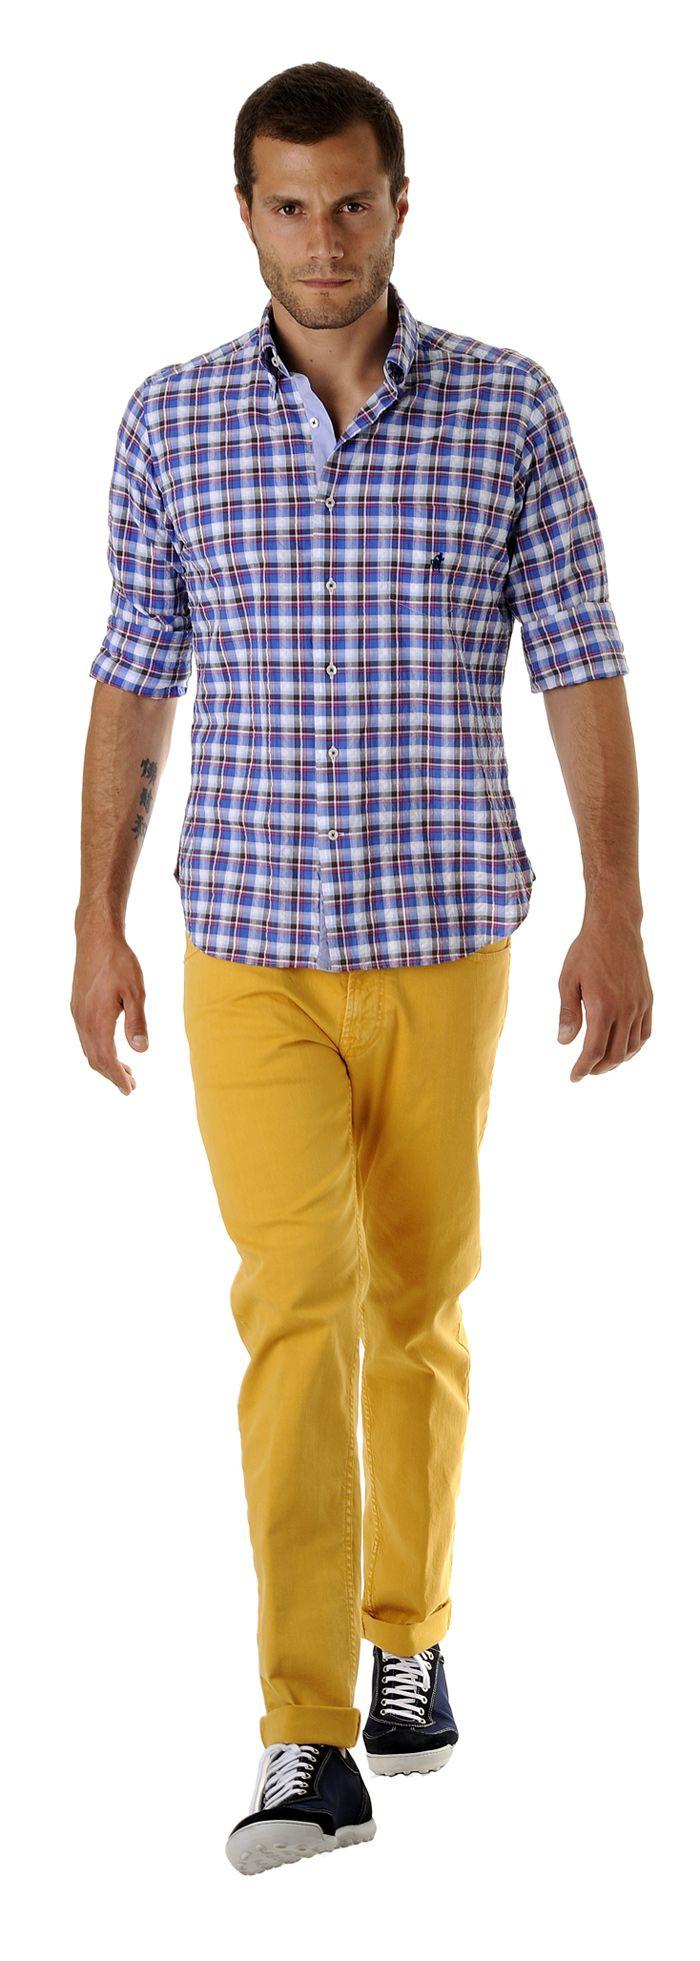 hogan abbigliamento 2014